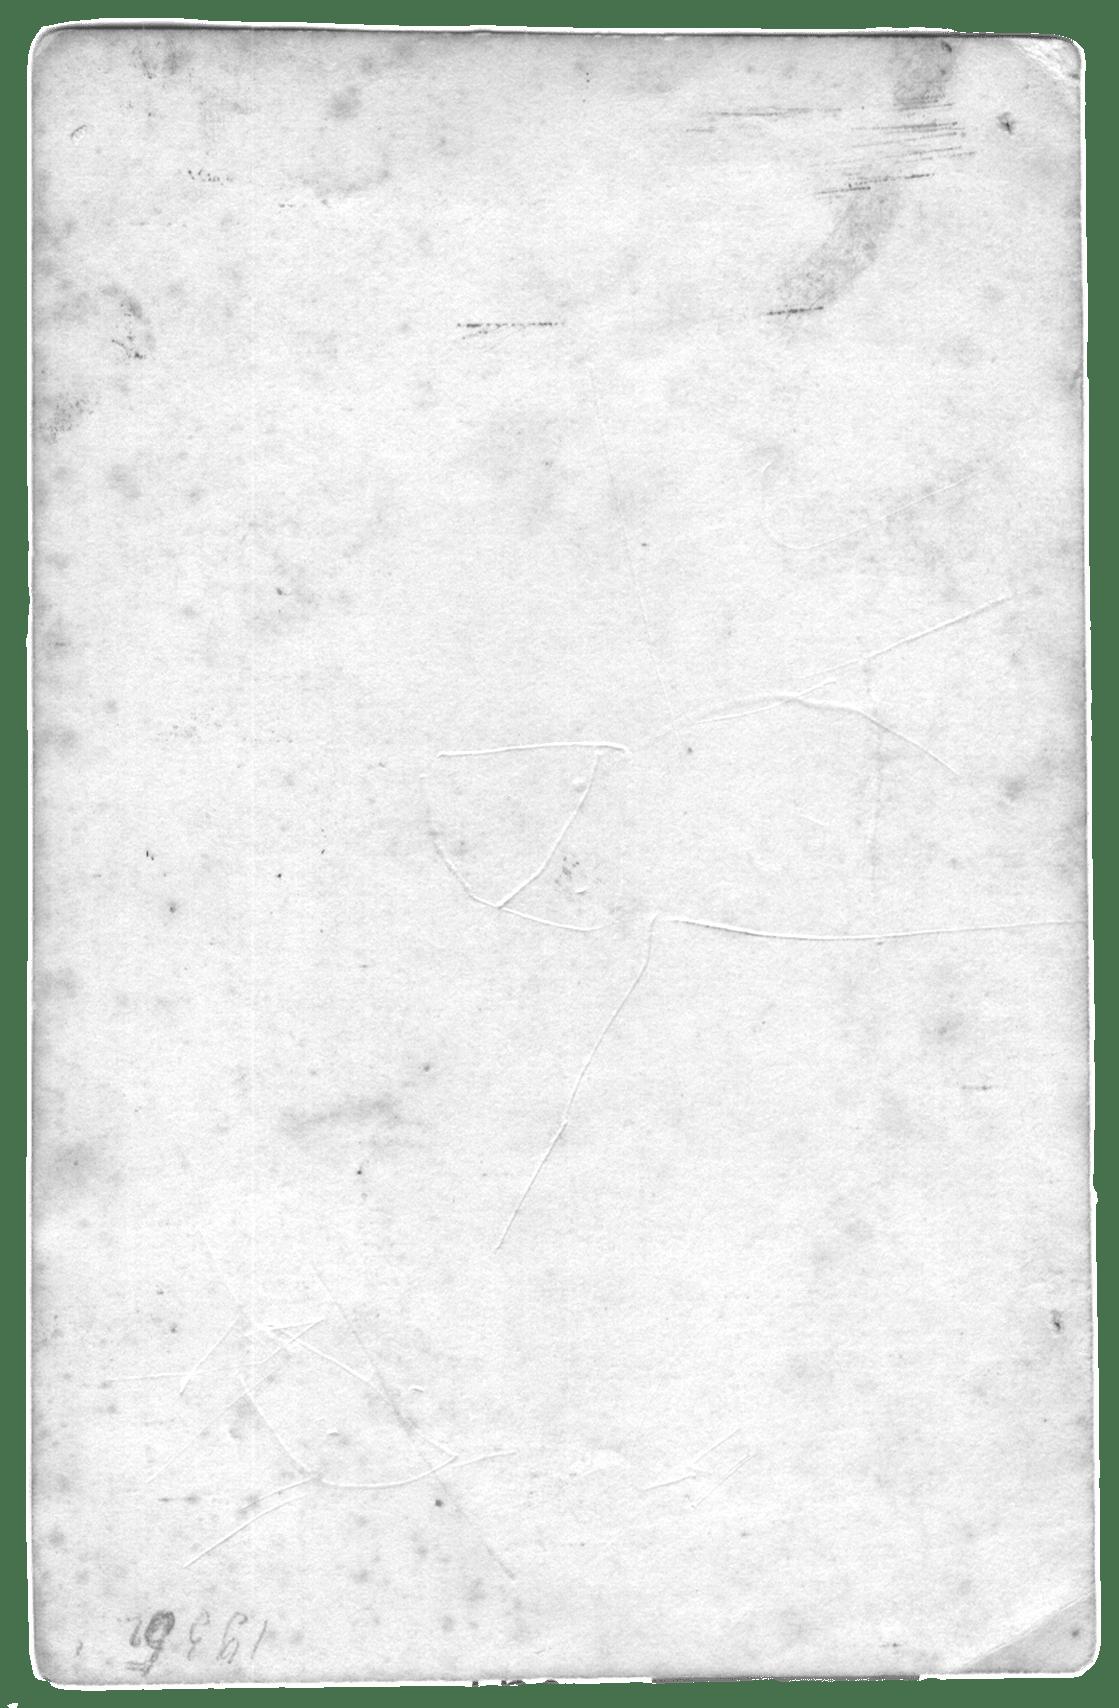 Una raccolta di texture sulla carta  Romina Comaschi